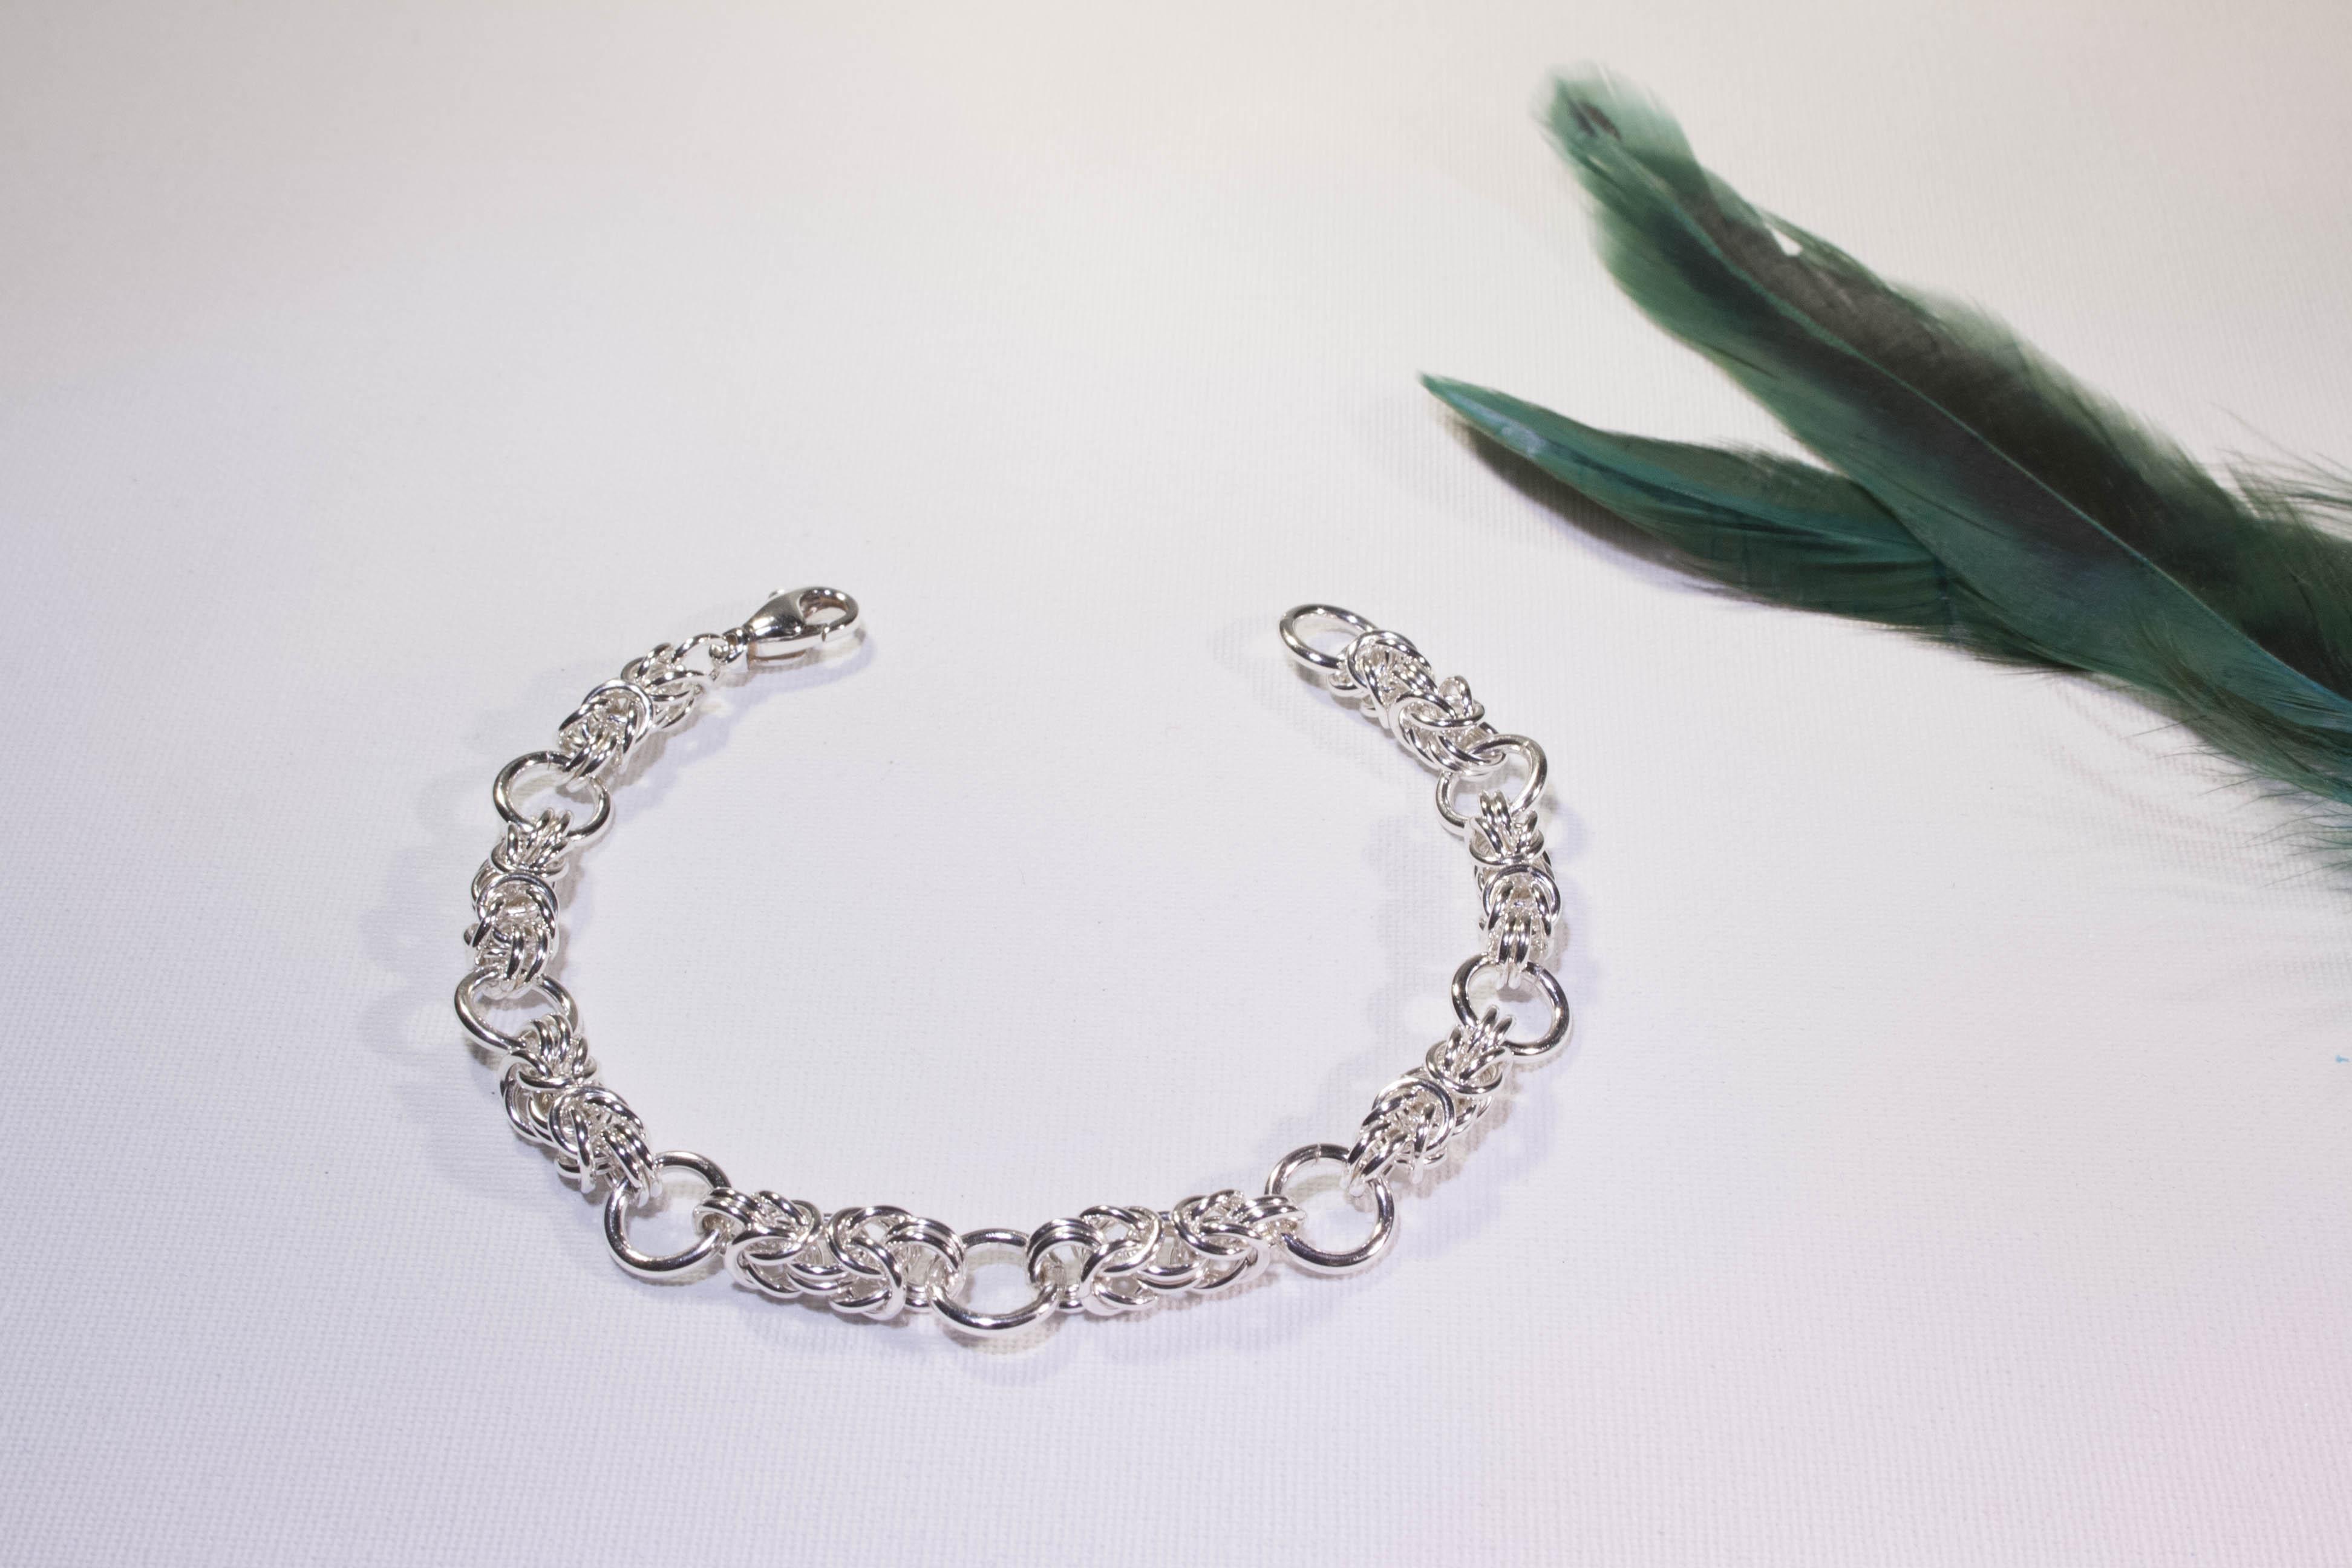 Bracelet marin de fil et d 39 argent - Nettoyer chaine en argent ...